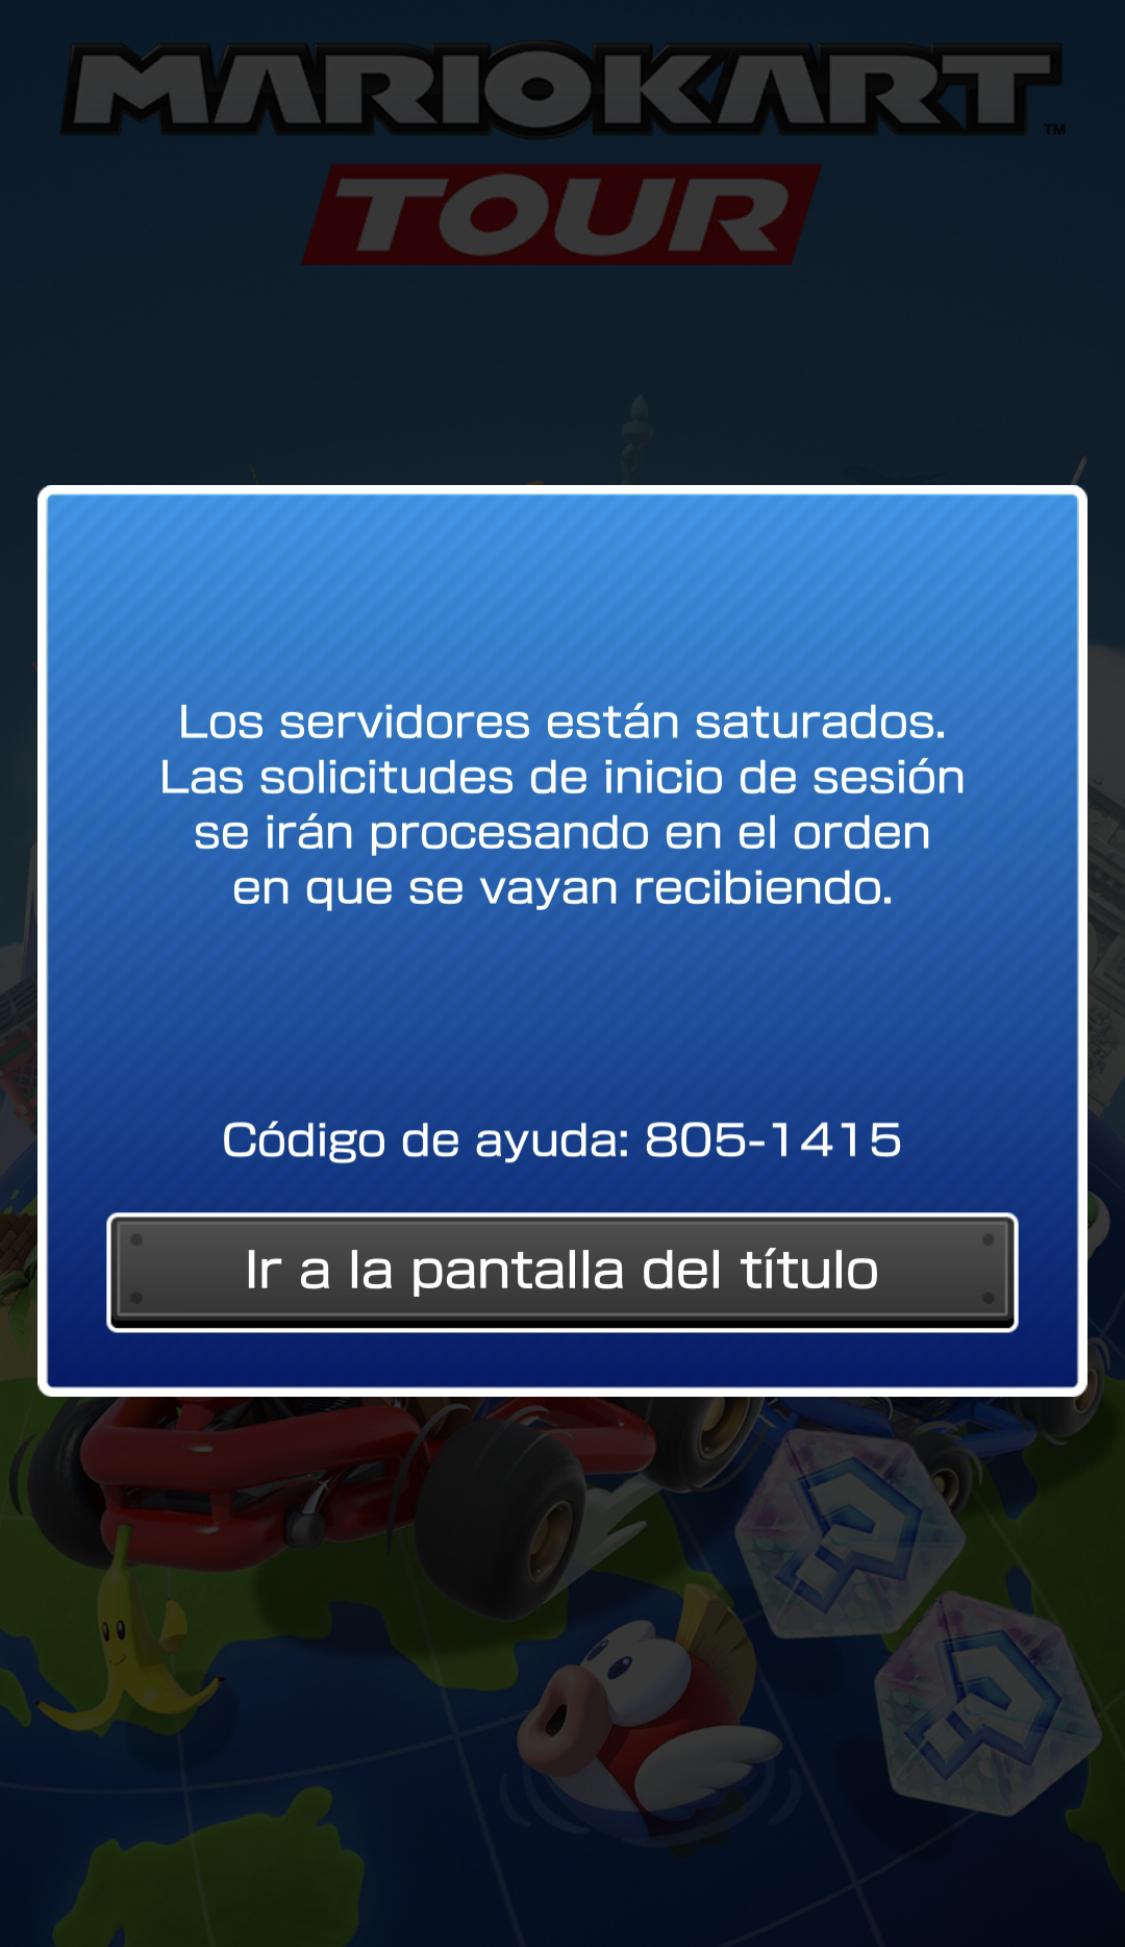 Error de servidores saturados al abrir la App de Mario Kart Tour